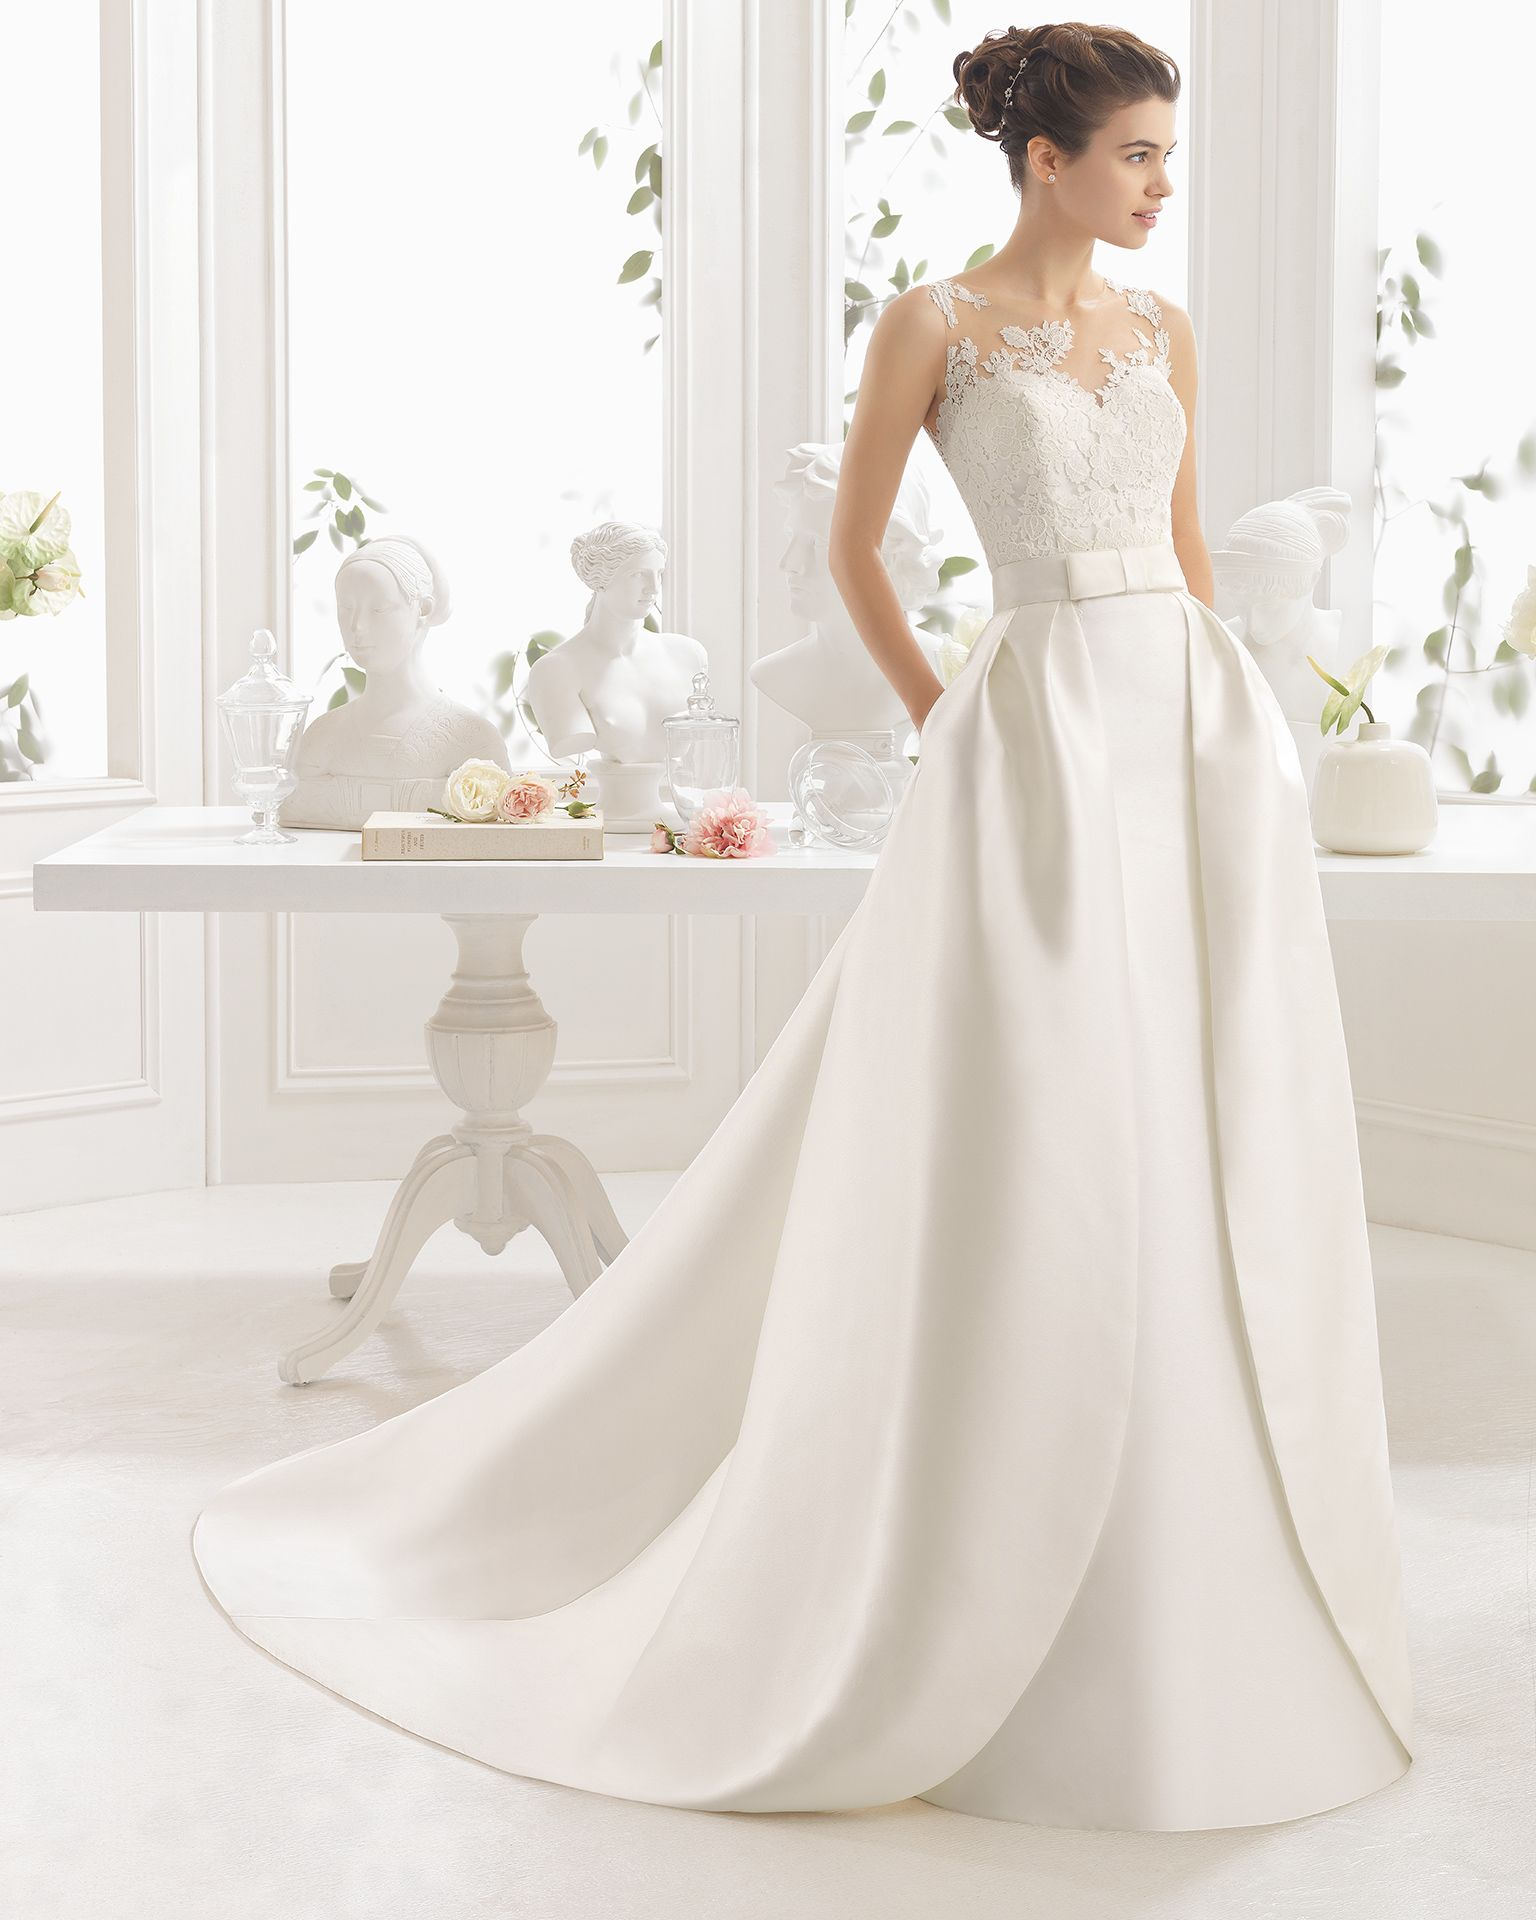 Brautkleid aus Mikado Seide mit matter Baumwoll Guipure Aire